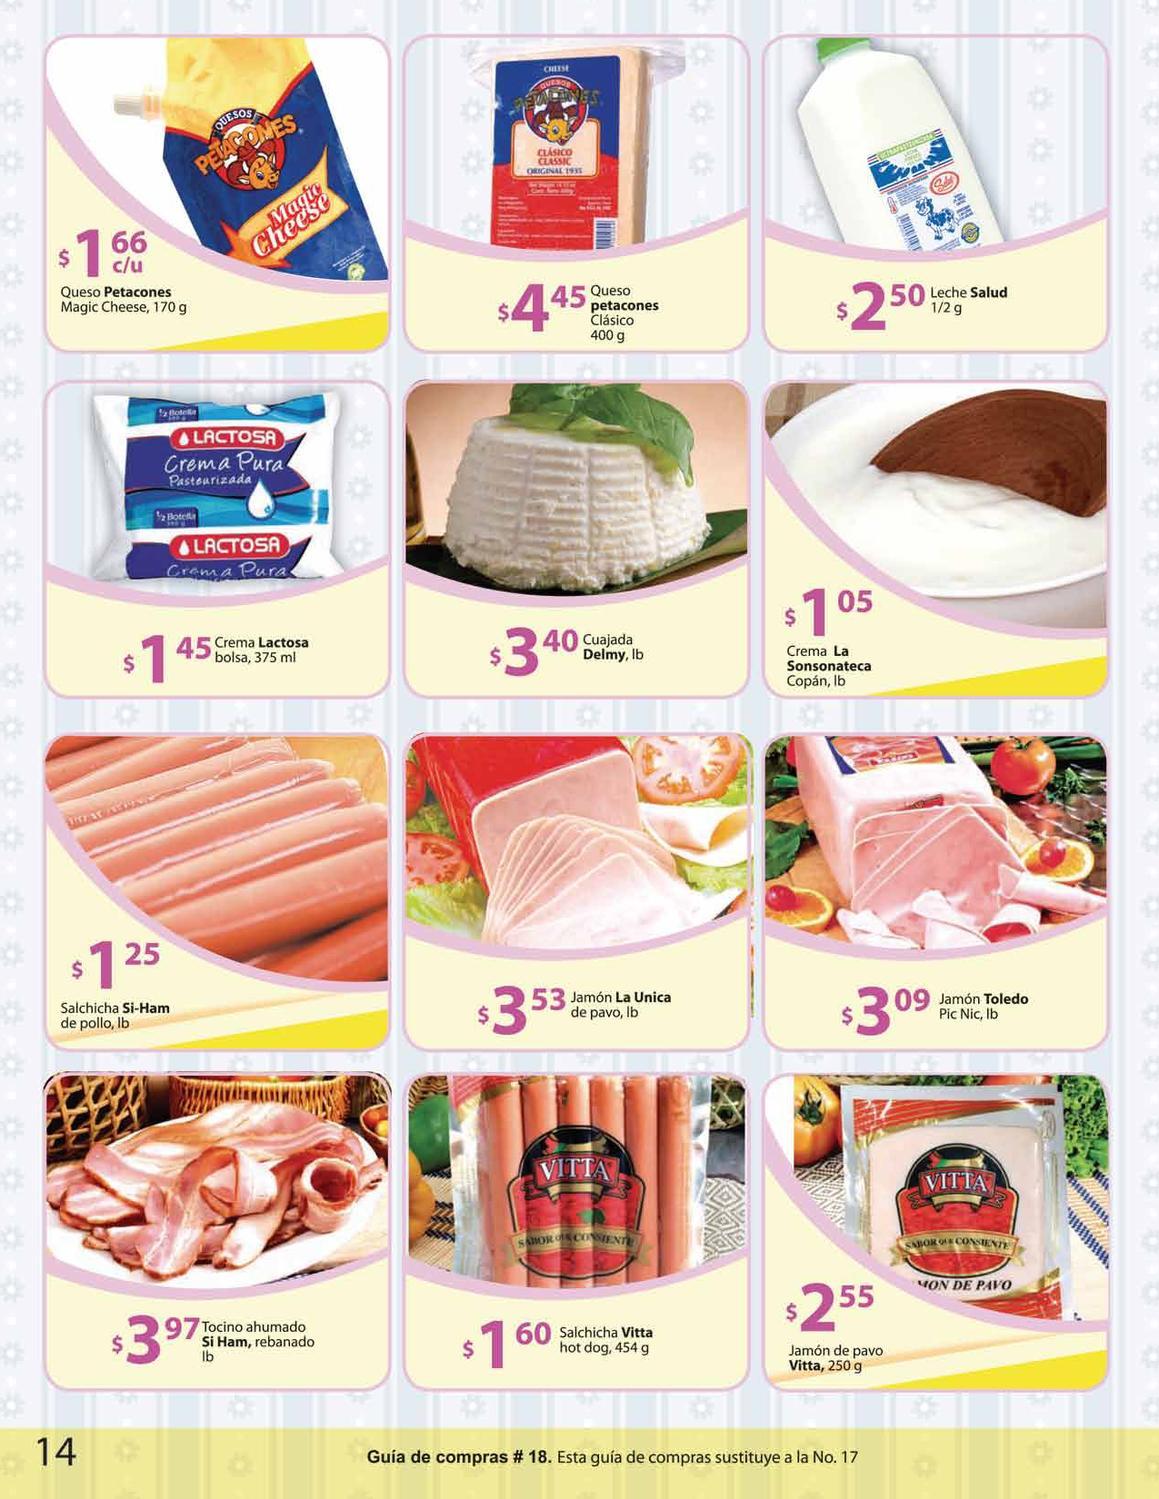 Walmart Guia de compras 18 - pag14